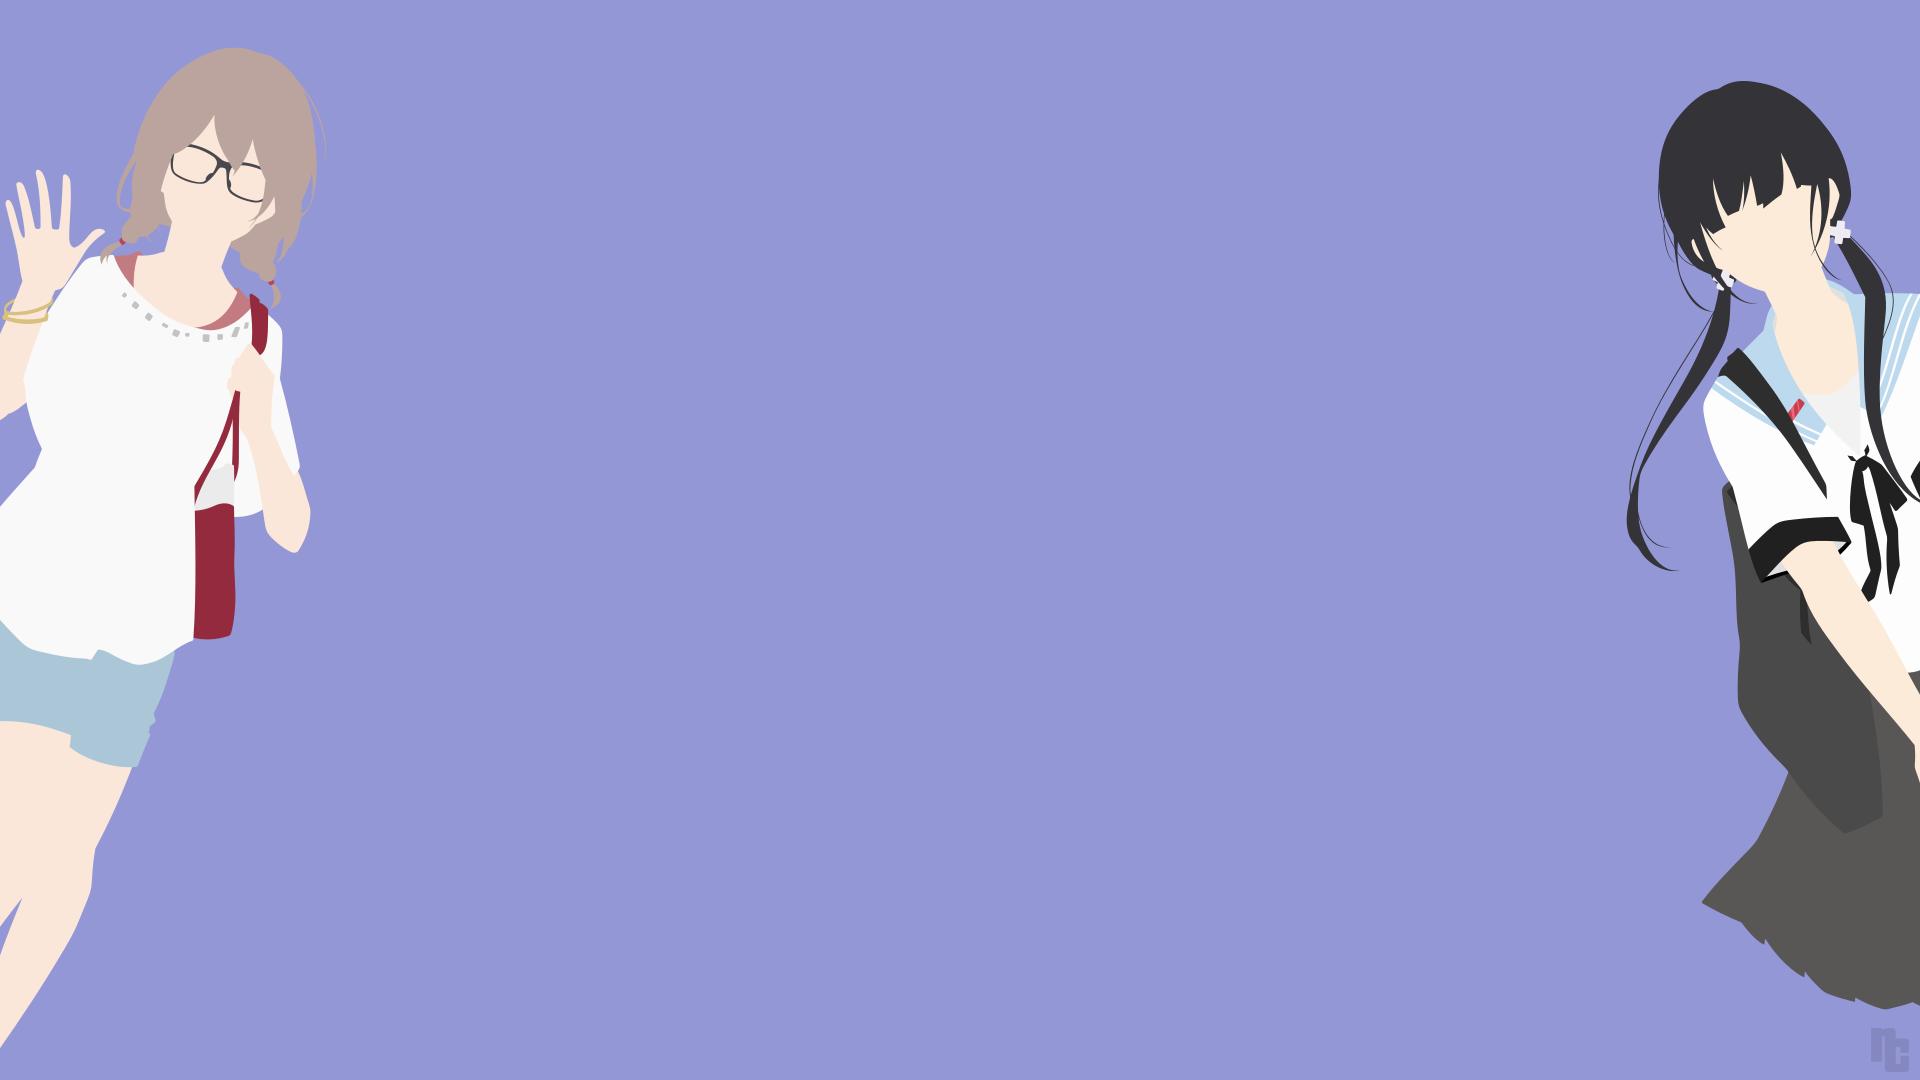 デスクトップ壁紙 図 アニメの女の子 漫画 改革 大野屋 秩父ひろし ハンド マンガカ 19x1080 Kejsirajbek 6368 デスクトップ壁紙 Wallhere